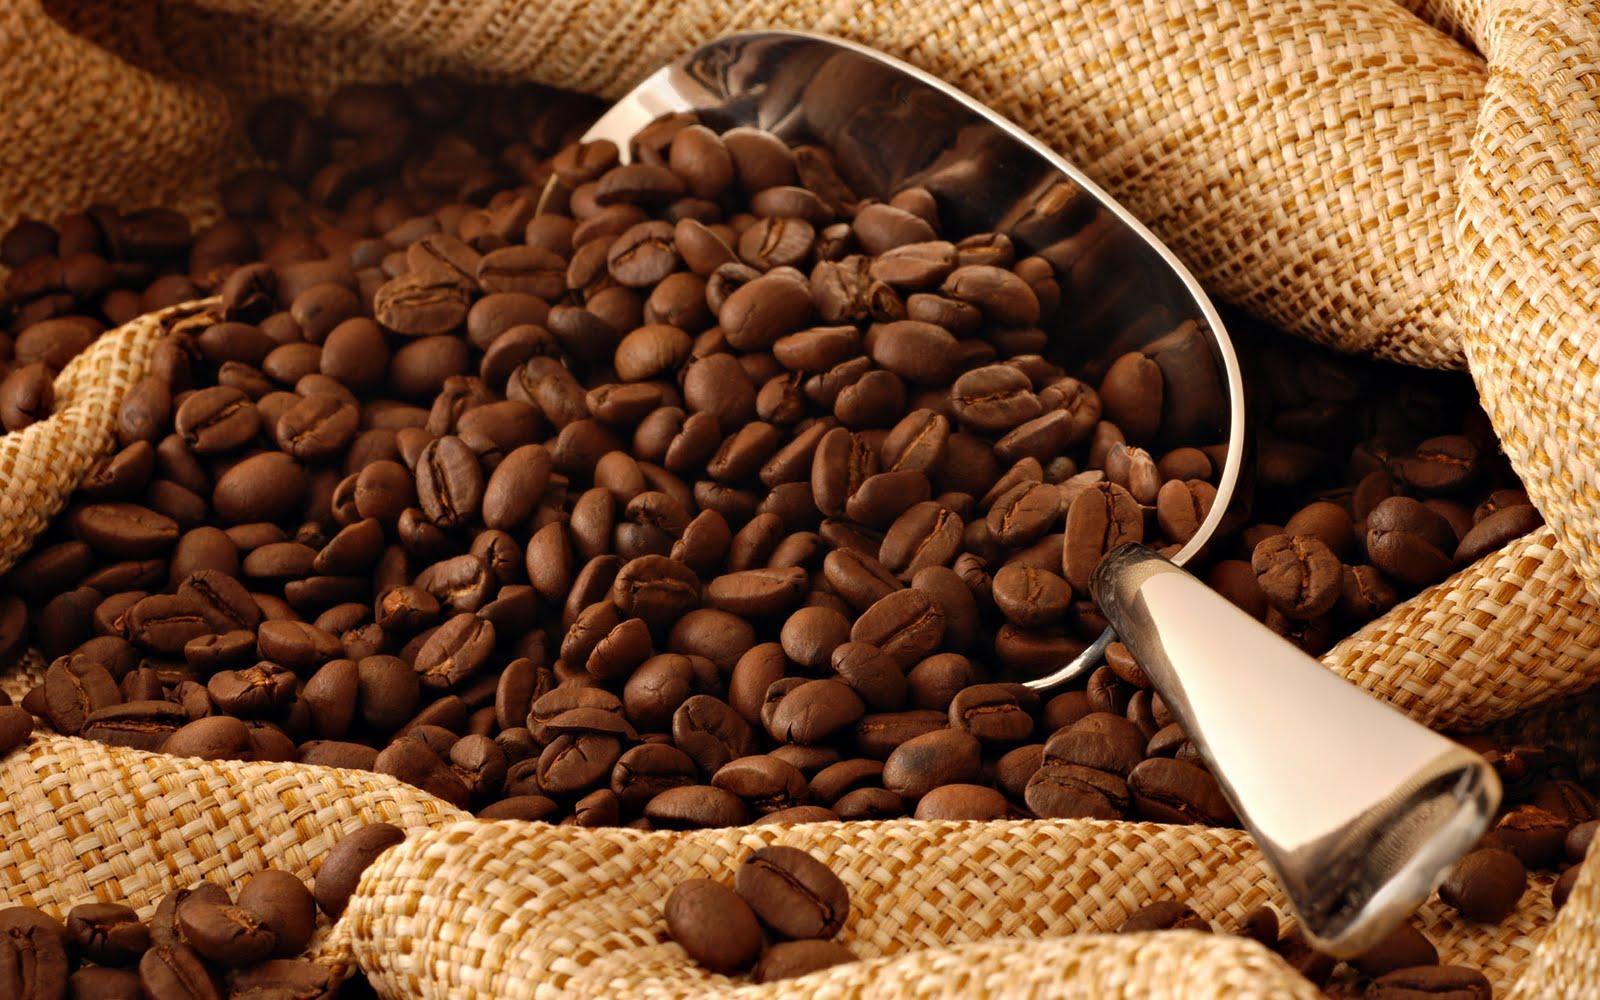 آنچه که باید در مورد قهوه بدانیم؟-درست مصرف کنیم - آموزش همگانی - آگاهی مصرف